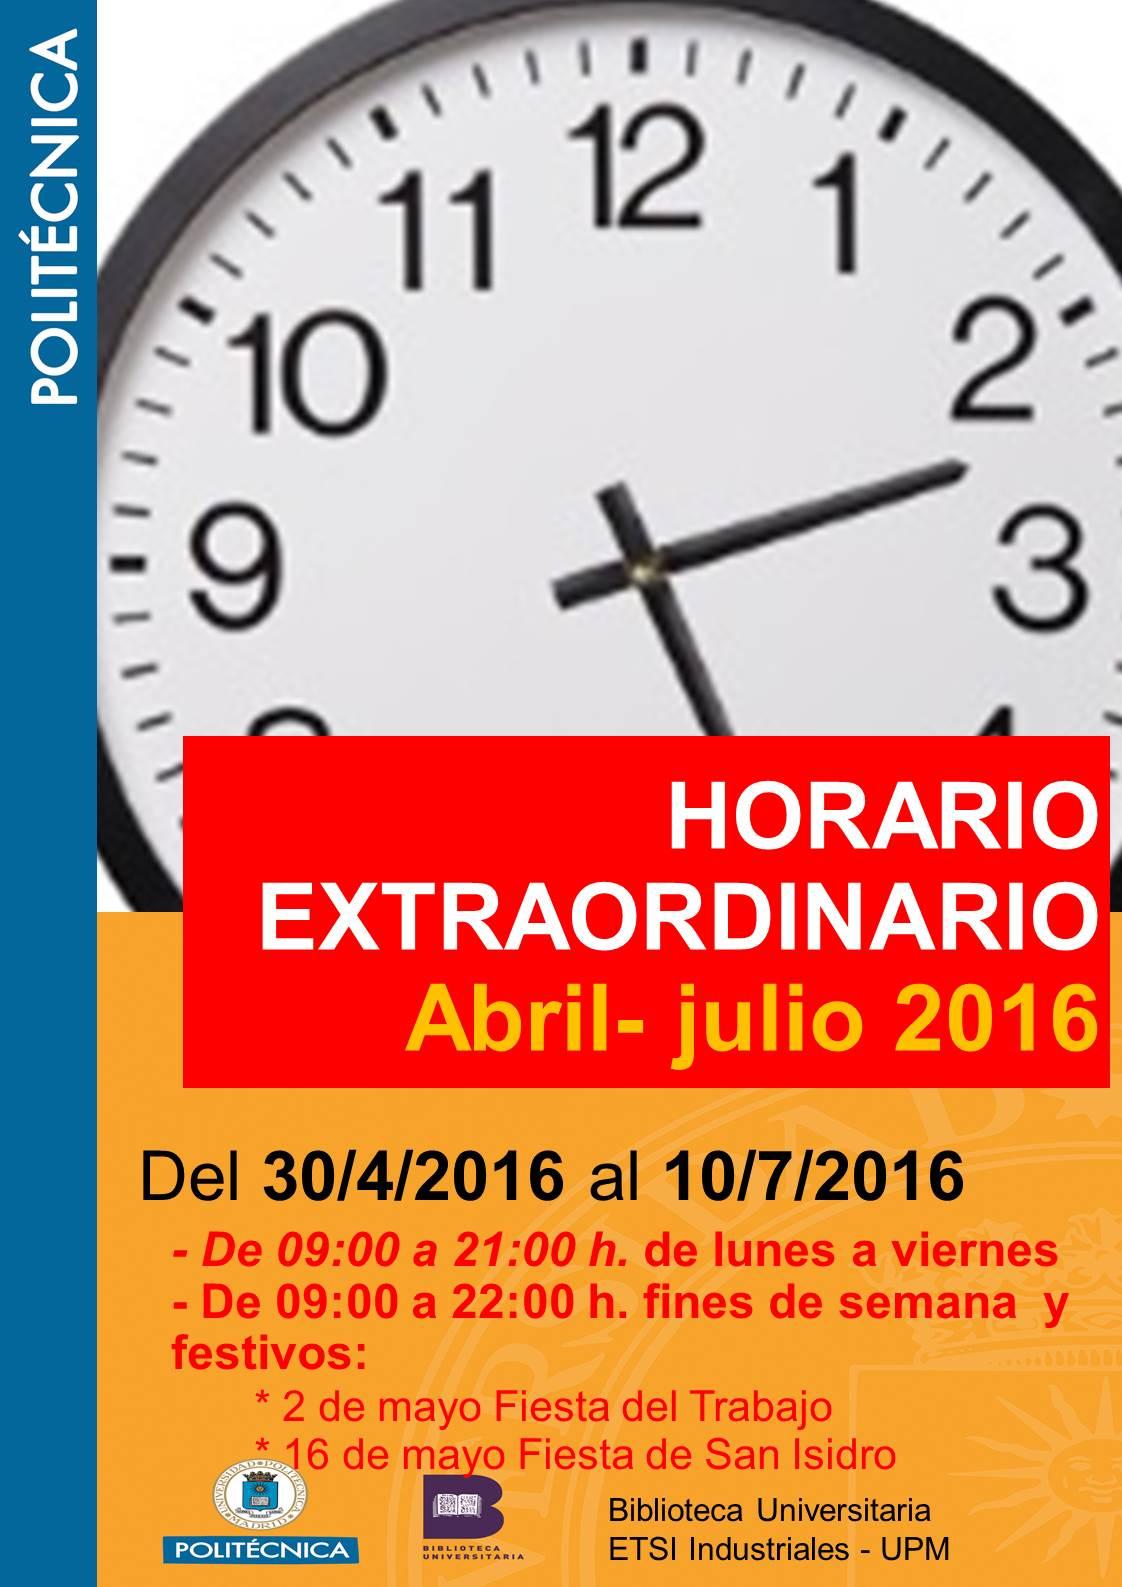 Horario ampliado abril-julio 2016